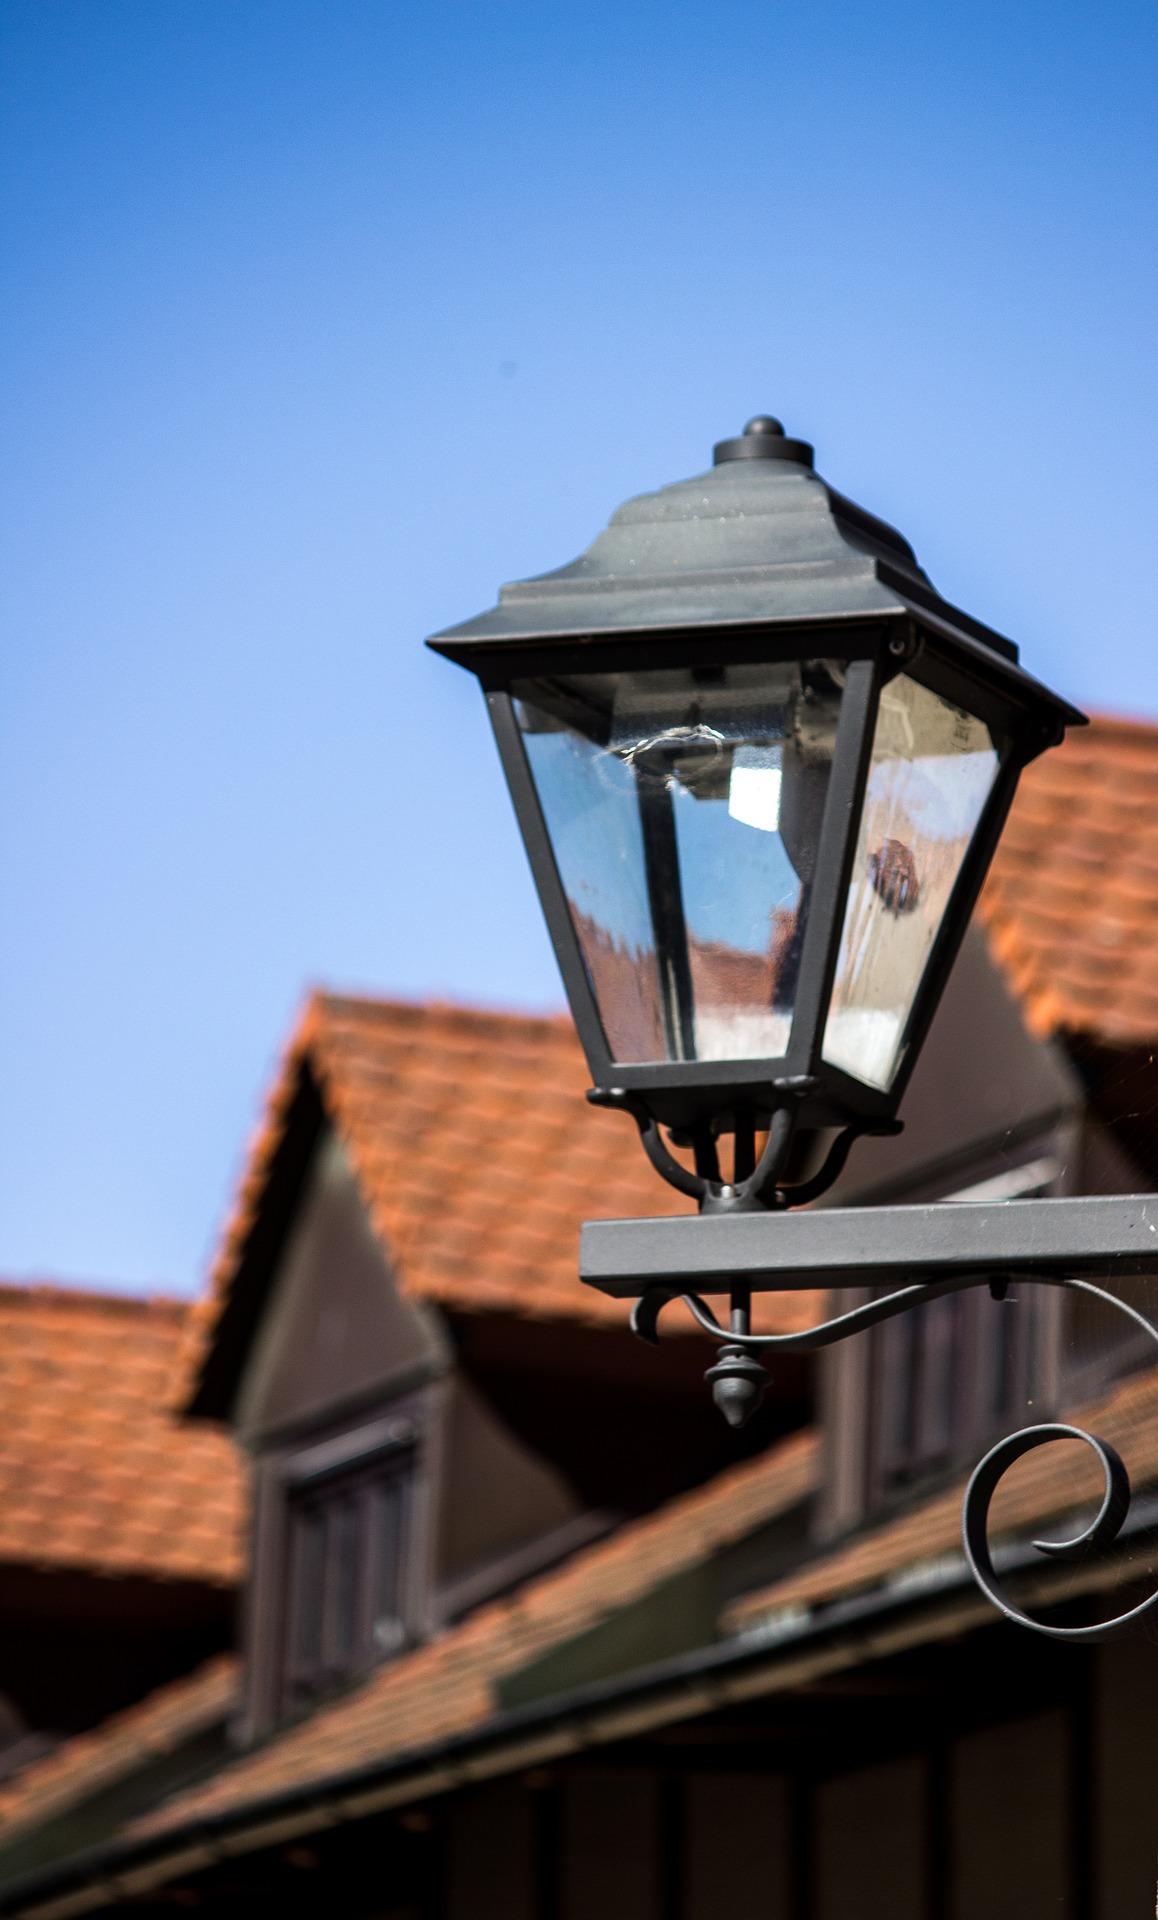 lampe pour l'extérieur